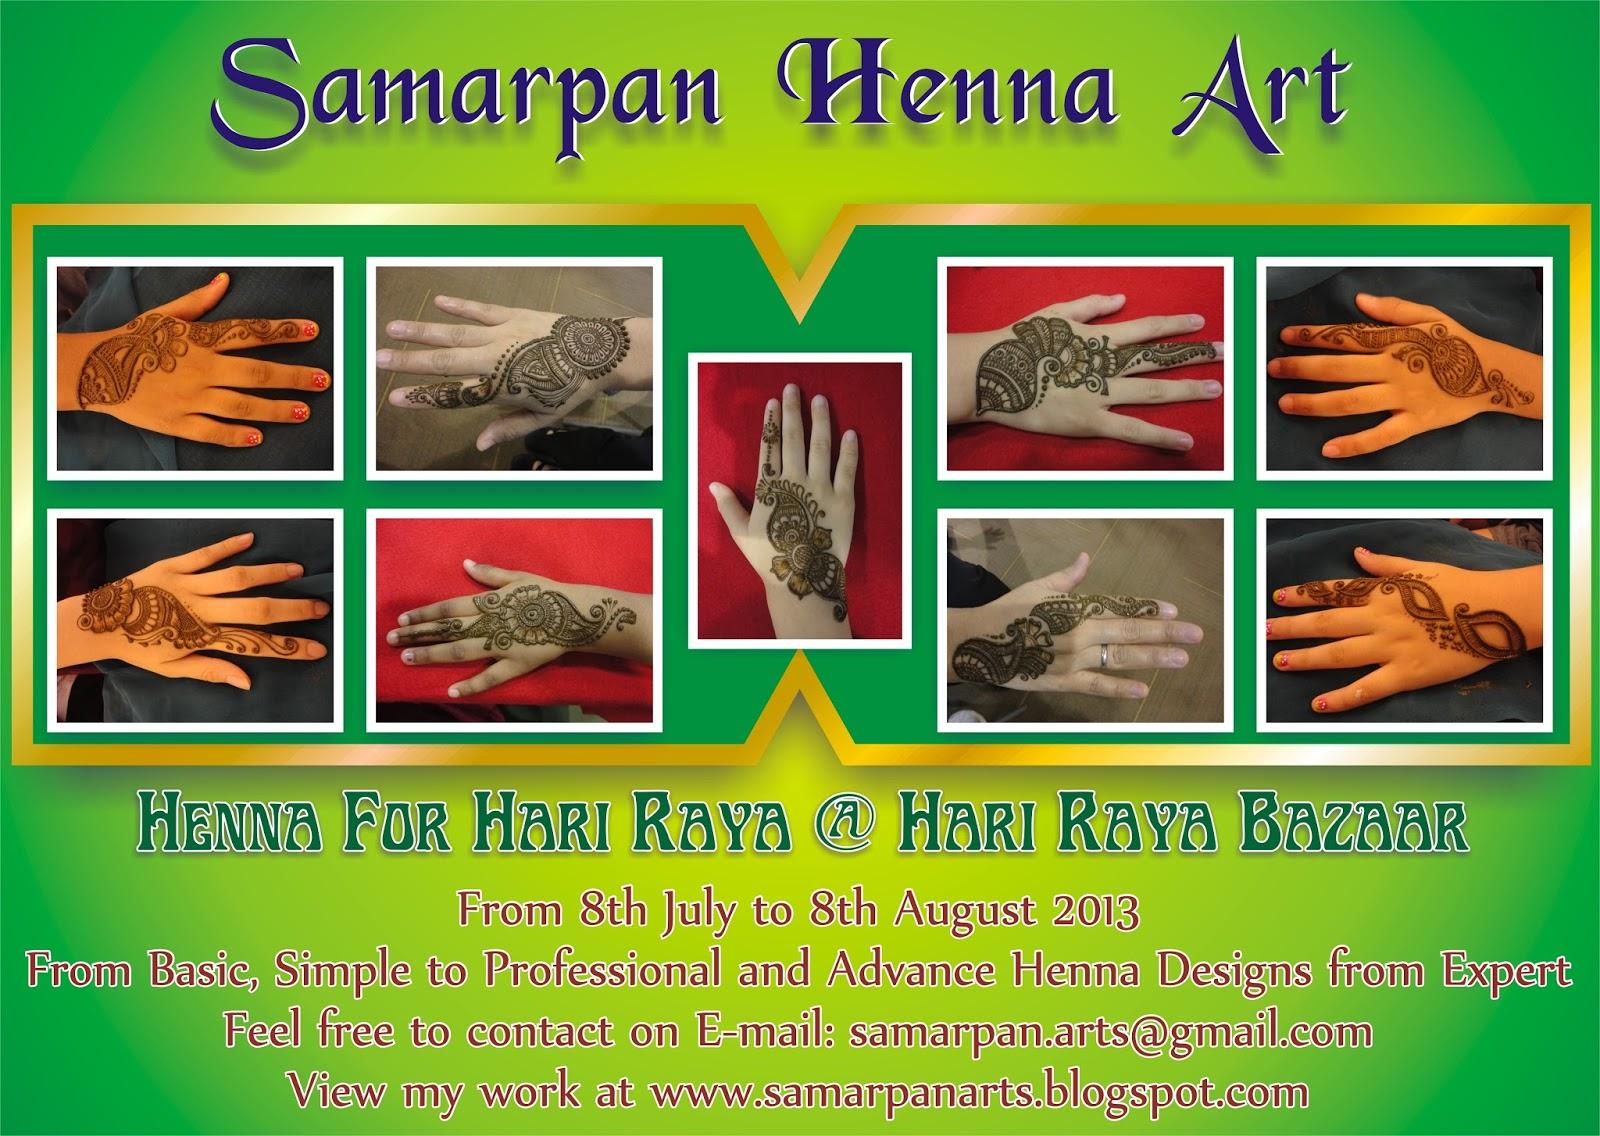 Samarpan Arts Henna For Hari Raya